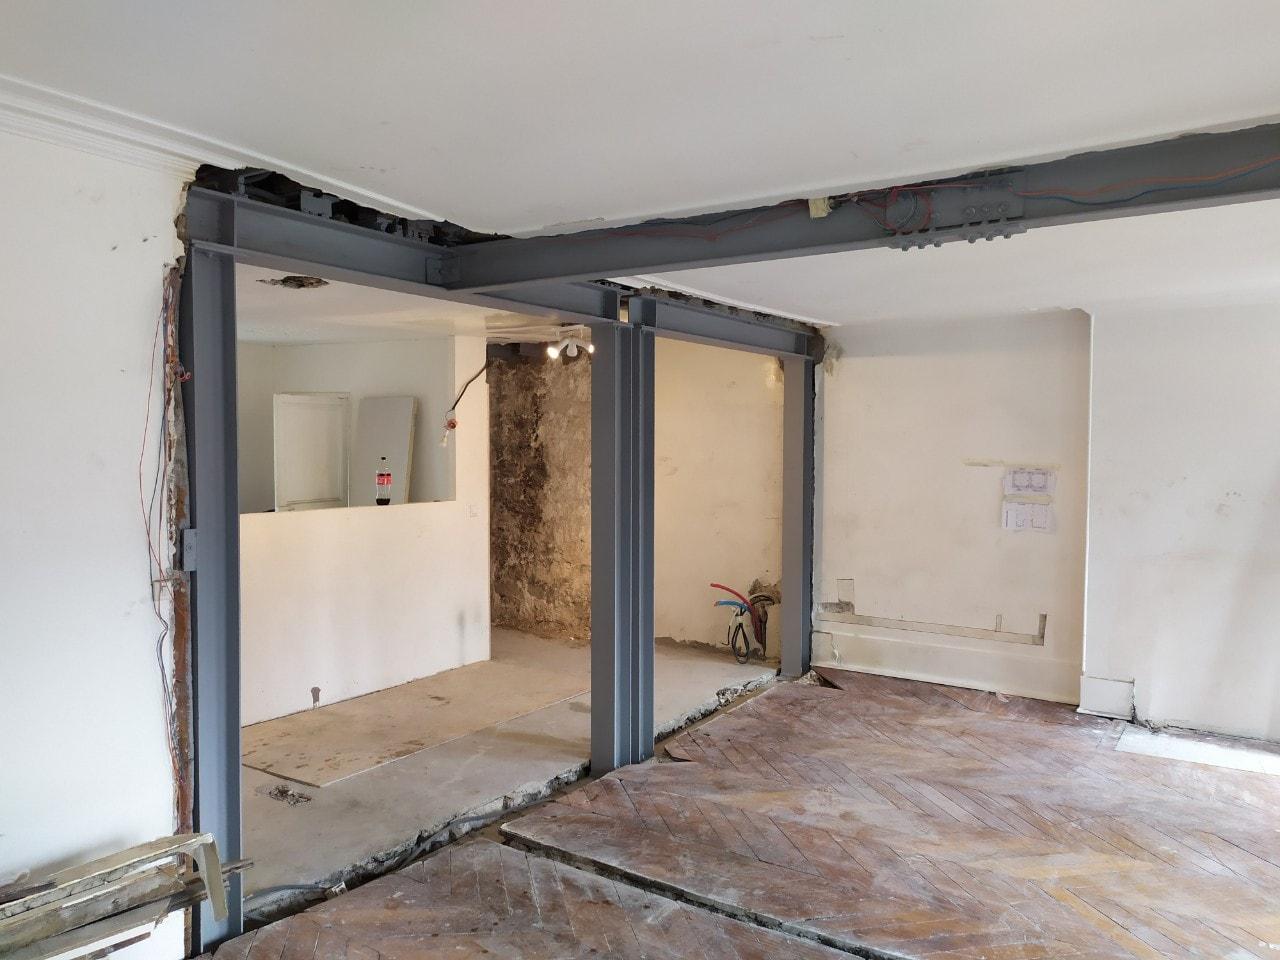 Murs porteurs - Démolition de mur de refend dans une maison individuelle à Toulon. 2